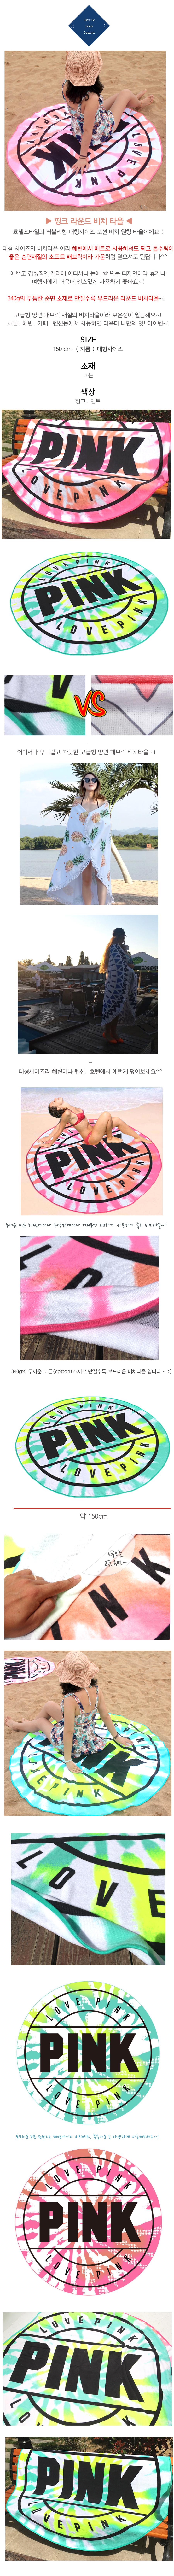 핑크라운드비치타올 - 미스터고물상, 8,250원, 튜브/구명조끼, 기타 수영용품